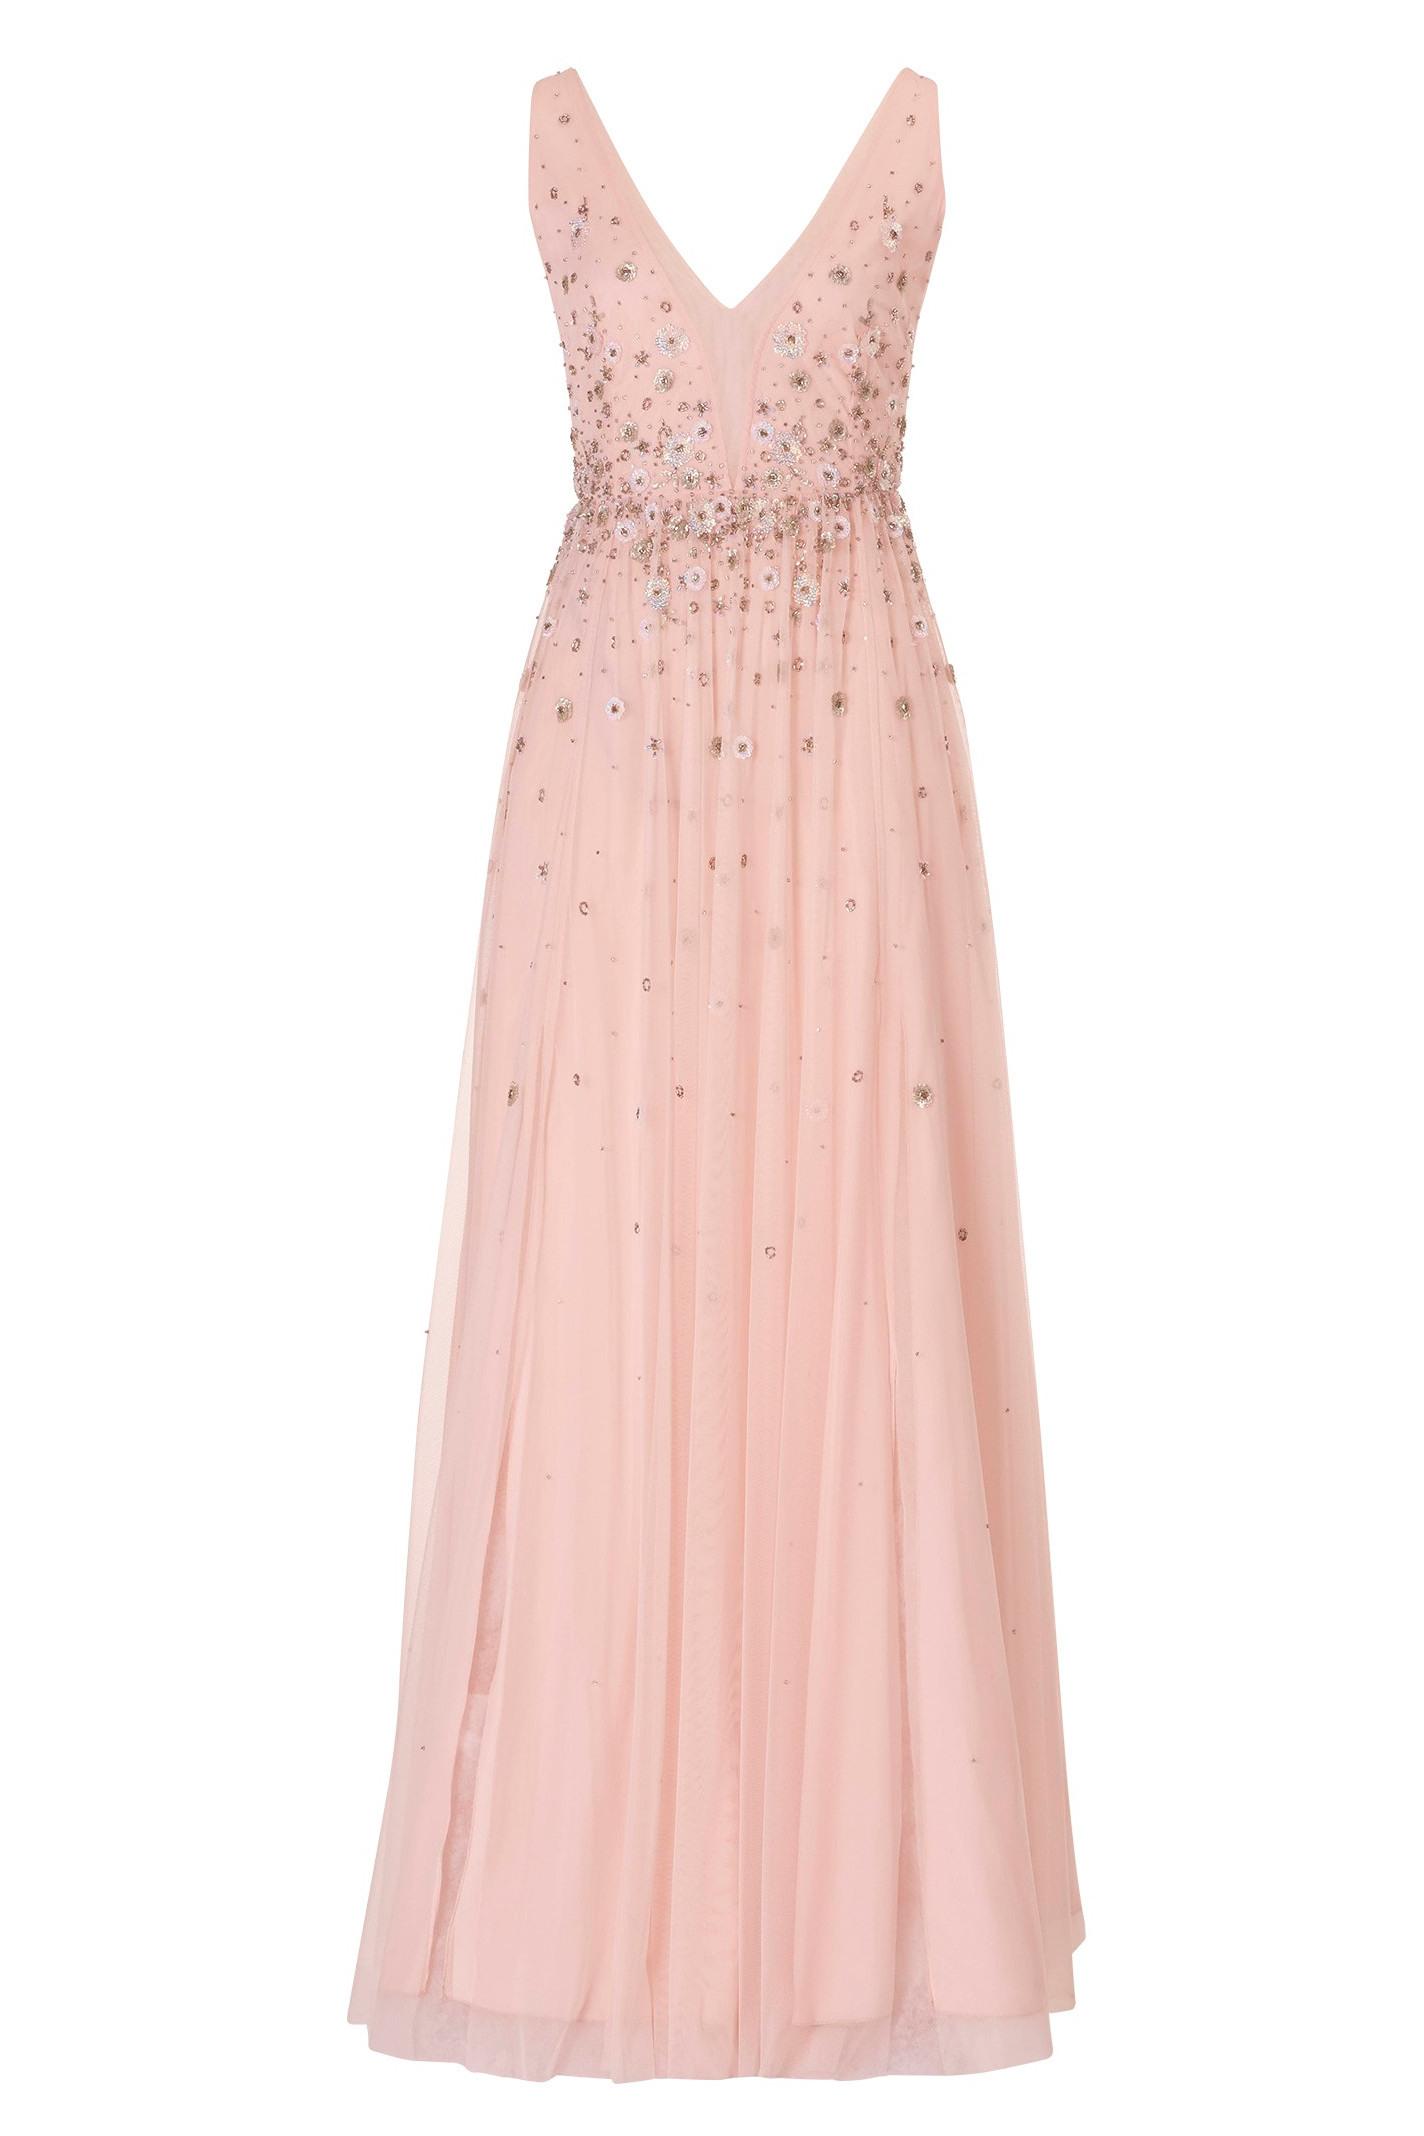 Leicht Abendkleid Design10 Einfach Abendkleid Spezialgebiet